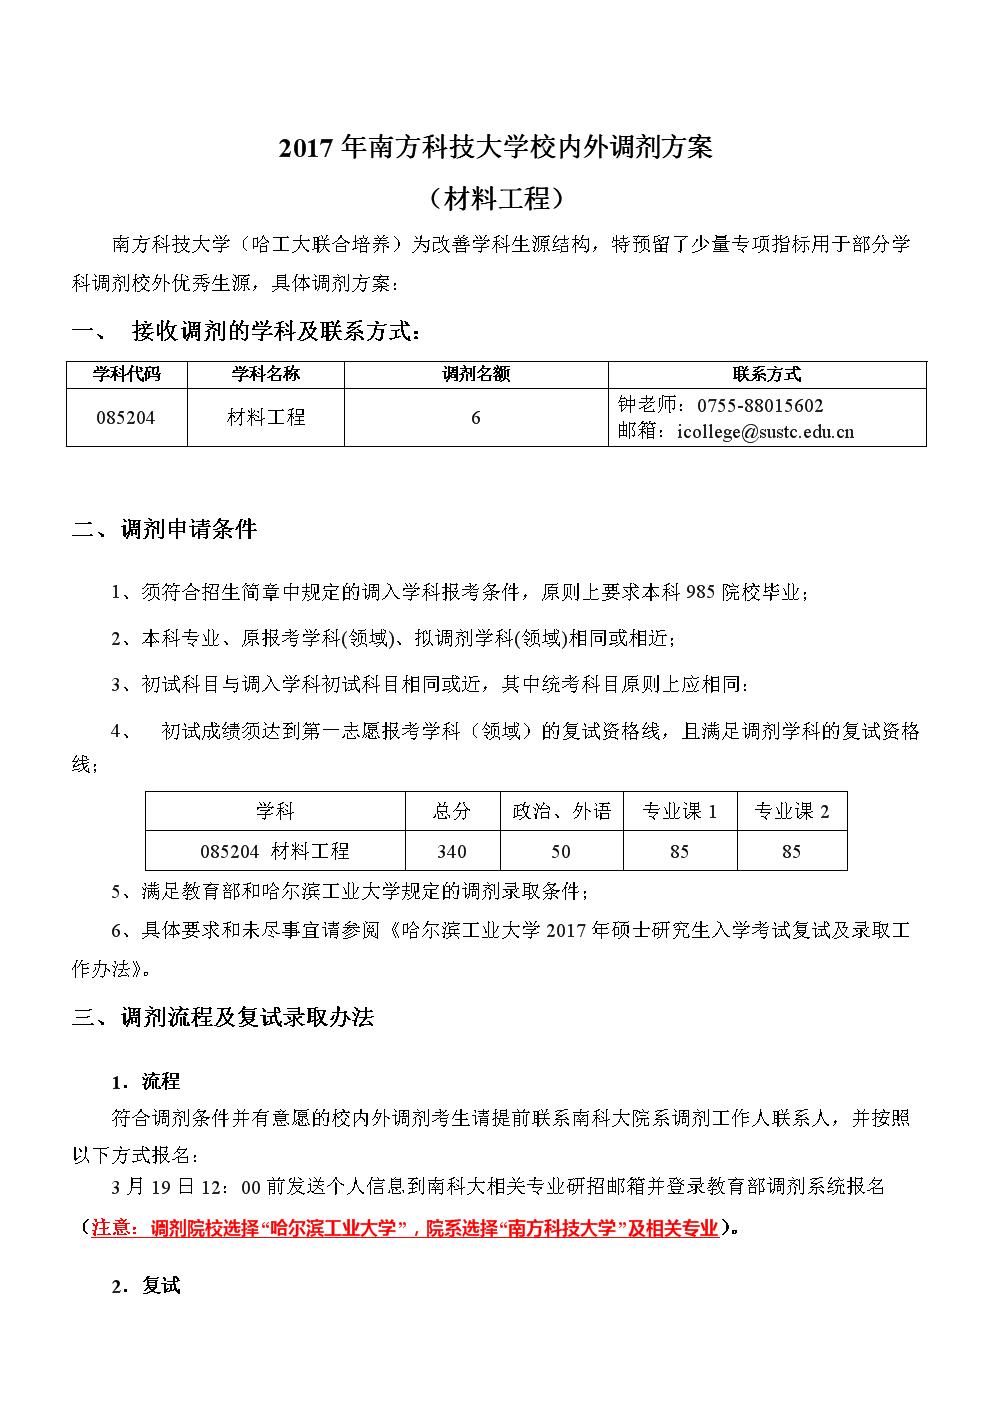 南科大 材料工程(校外.docx